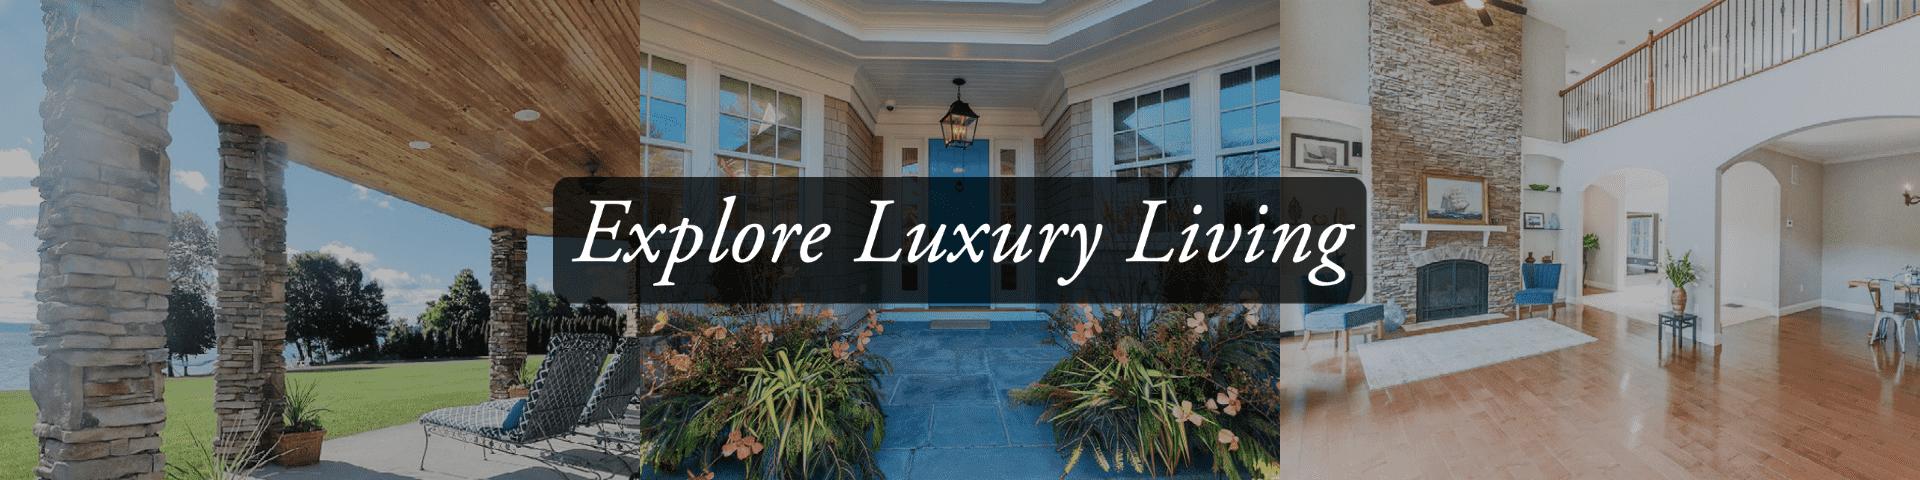 Explore Luxury Homes in Vermont